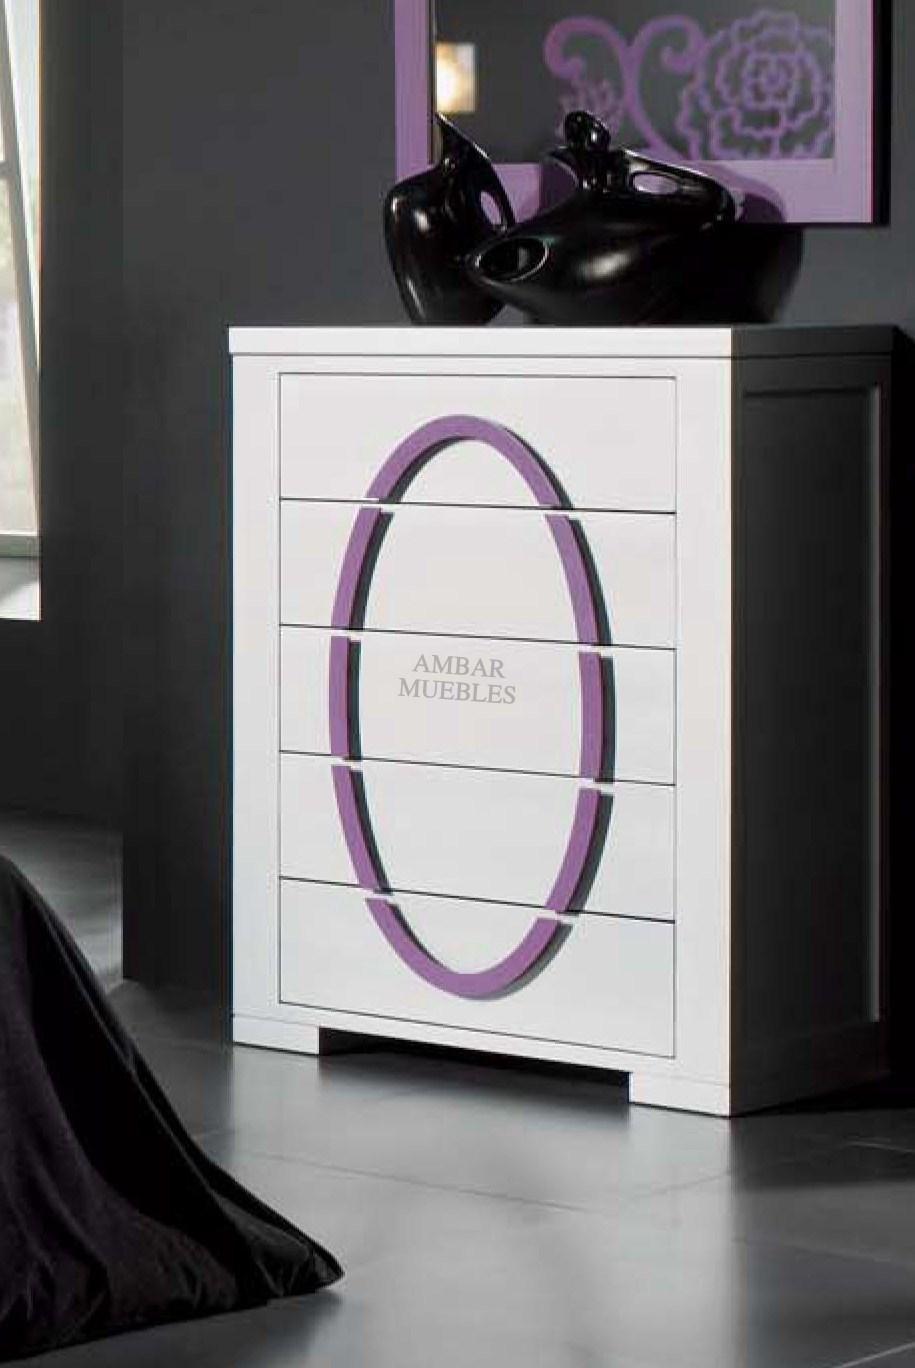 Foto escritorio buro persiana orly foto 421724 for Bauhaus mueble zapatero